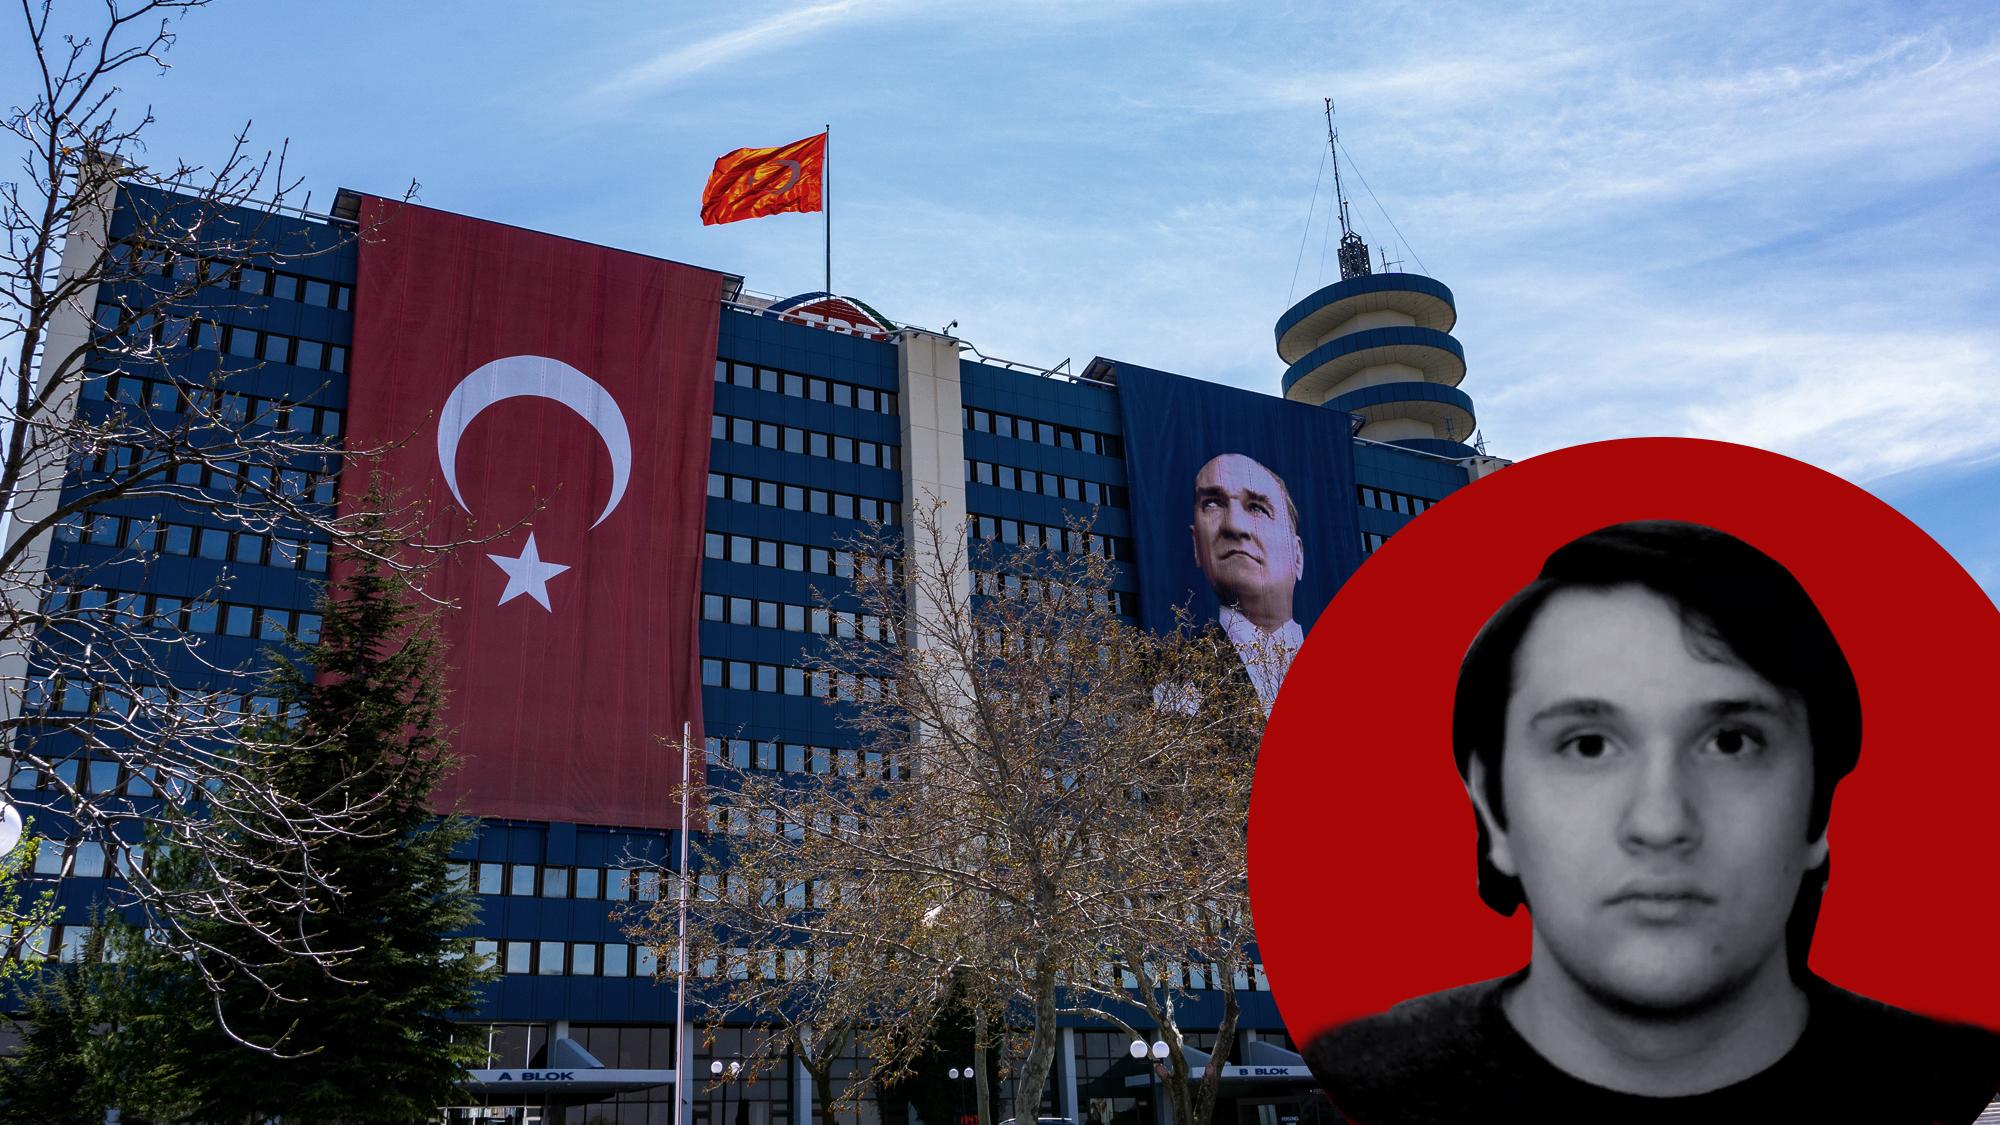 Пропаганда Великого Турана в РФ: Турция начала обработку народа России при помощи собственного интернет-канала